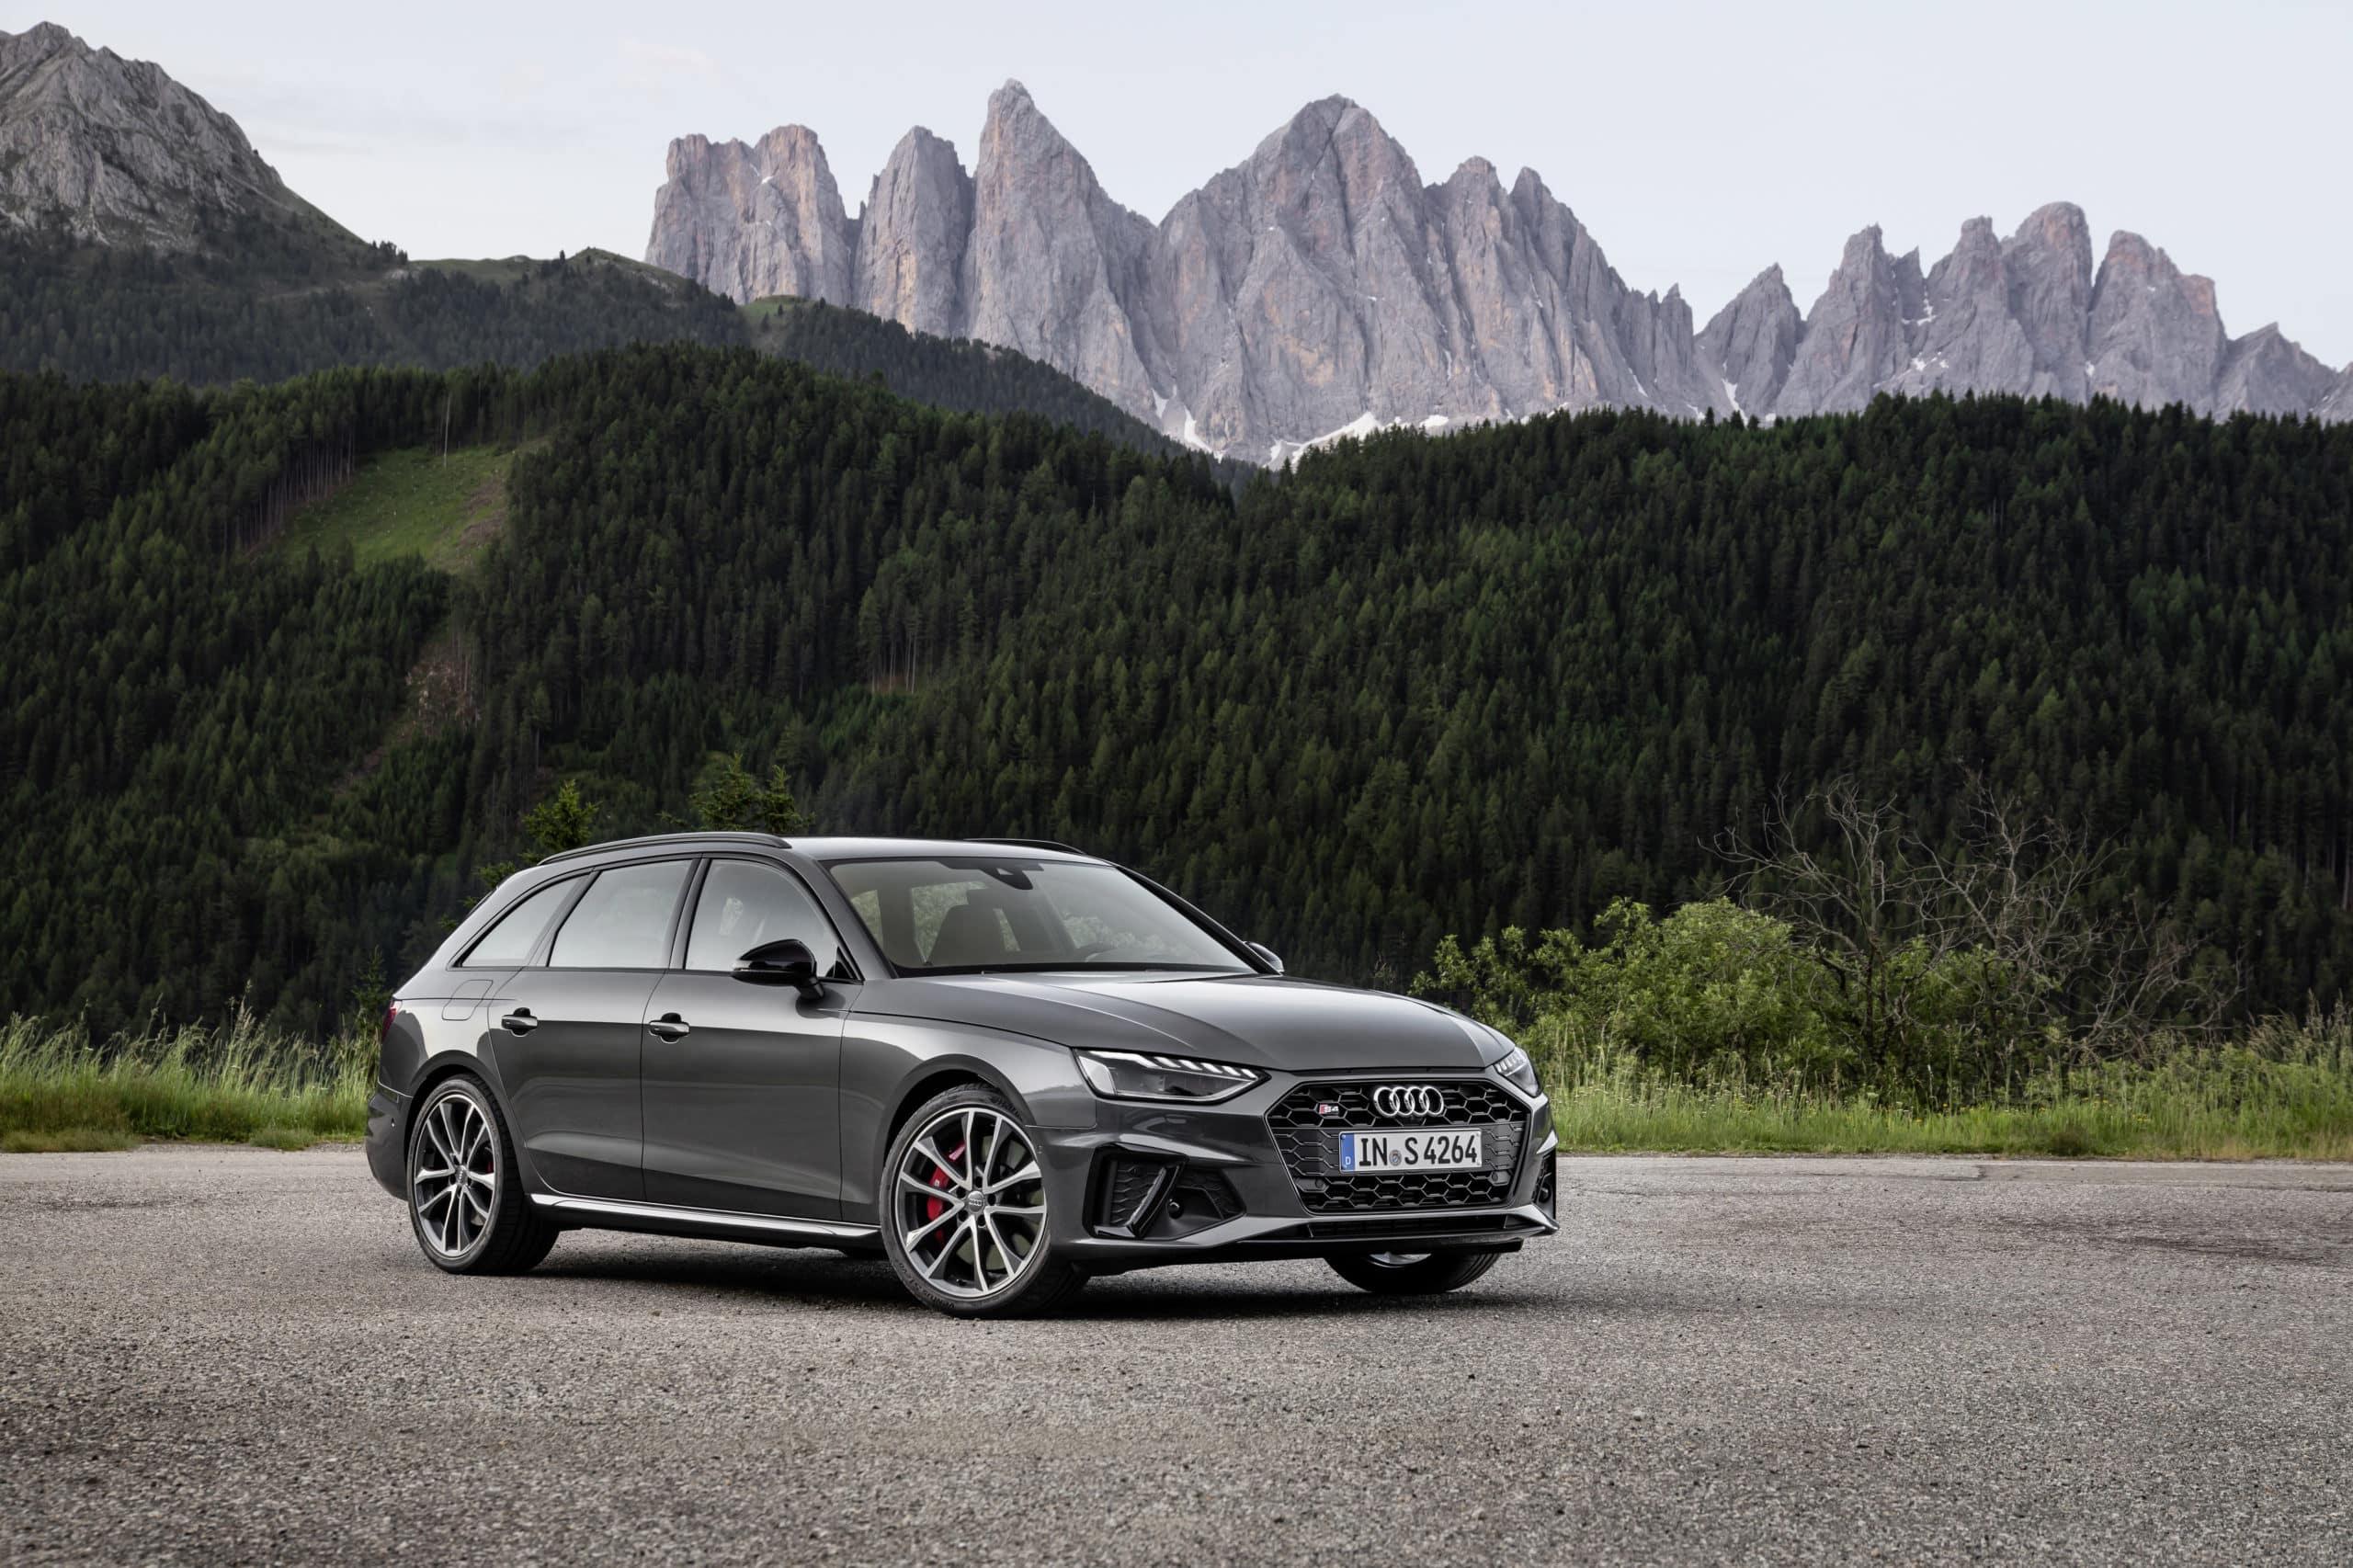 Audi S4 Tdi Avant Leasing Fur 589 Euro Im Monat Netto Lagerwagen Inkl Full Service Sparneuwagen De